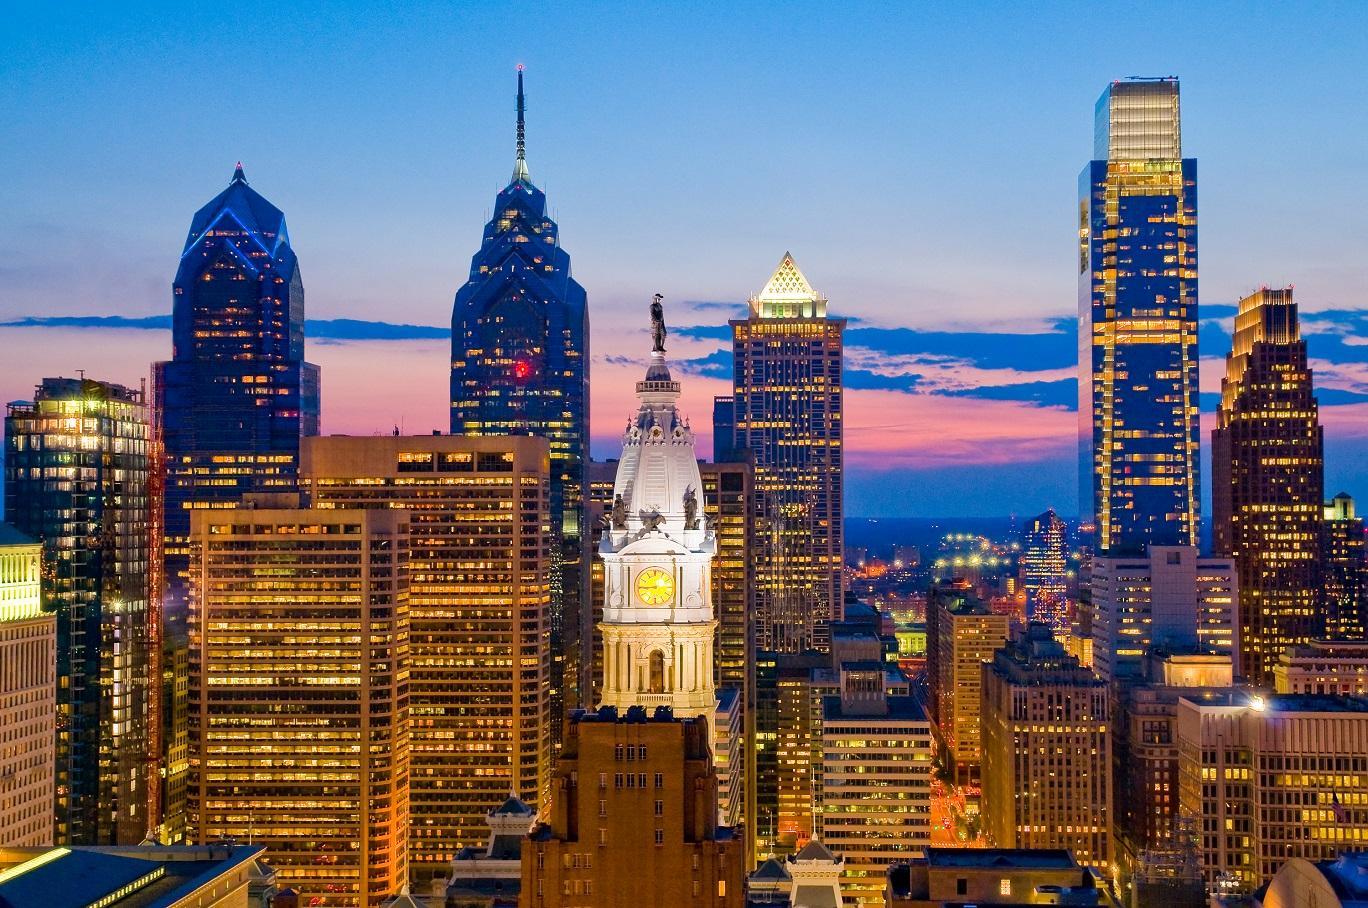 Vue de Philadelphie-Photo by Bob Krist for the PCVB